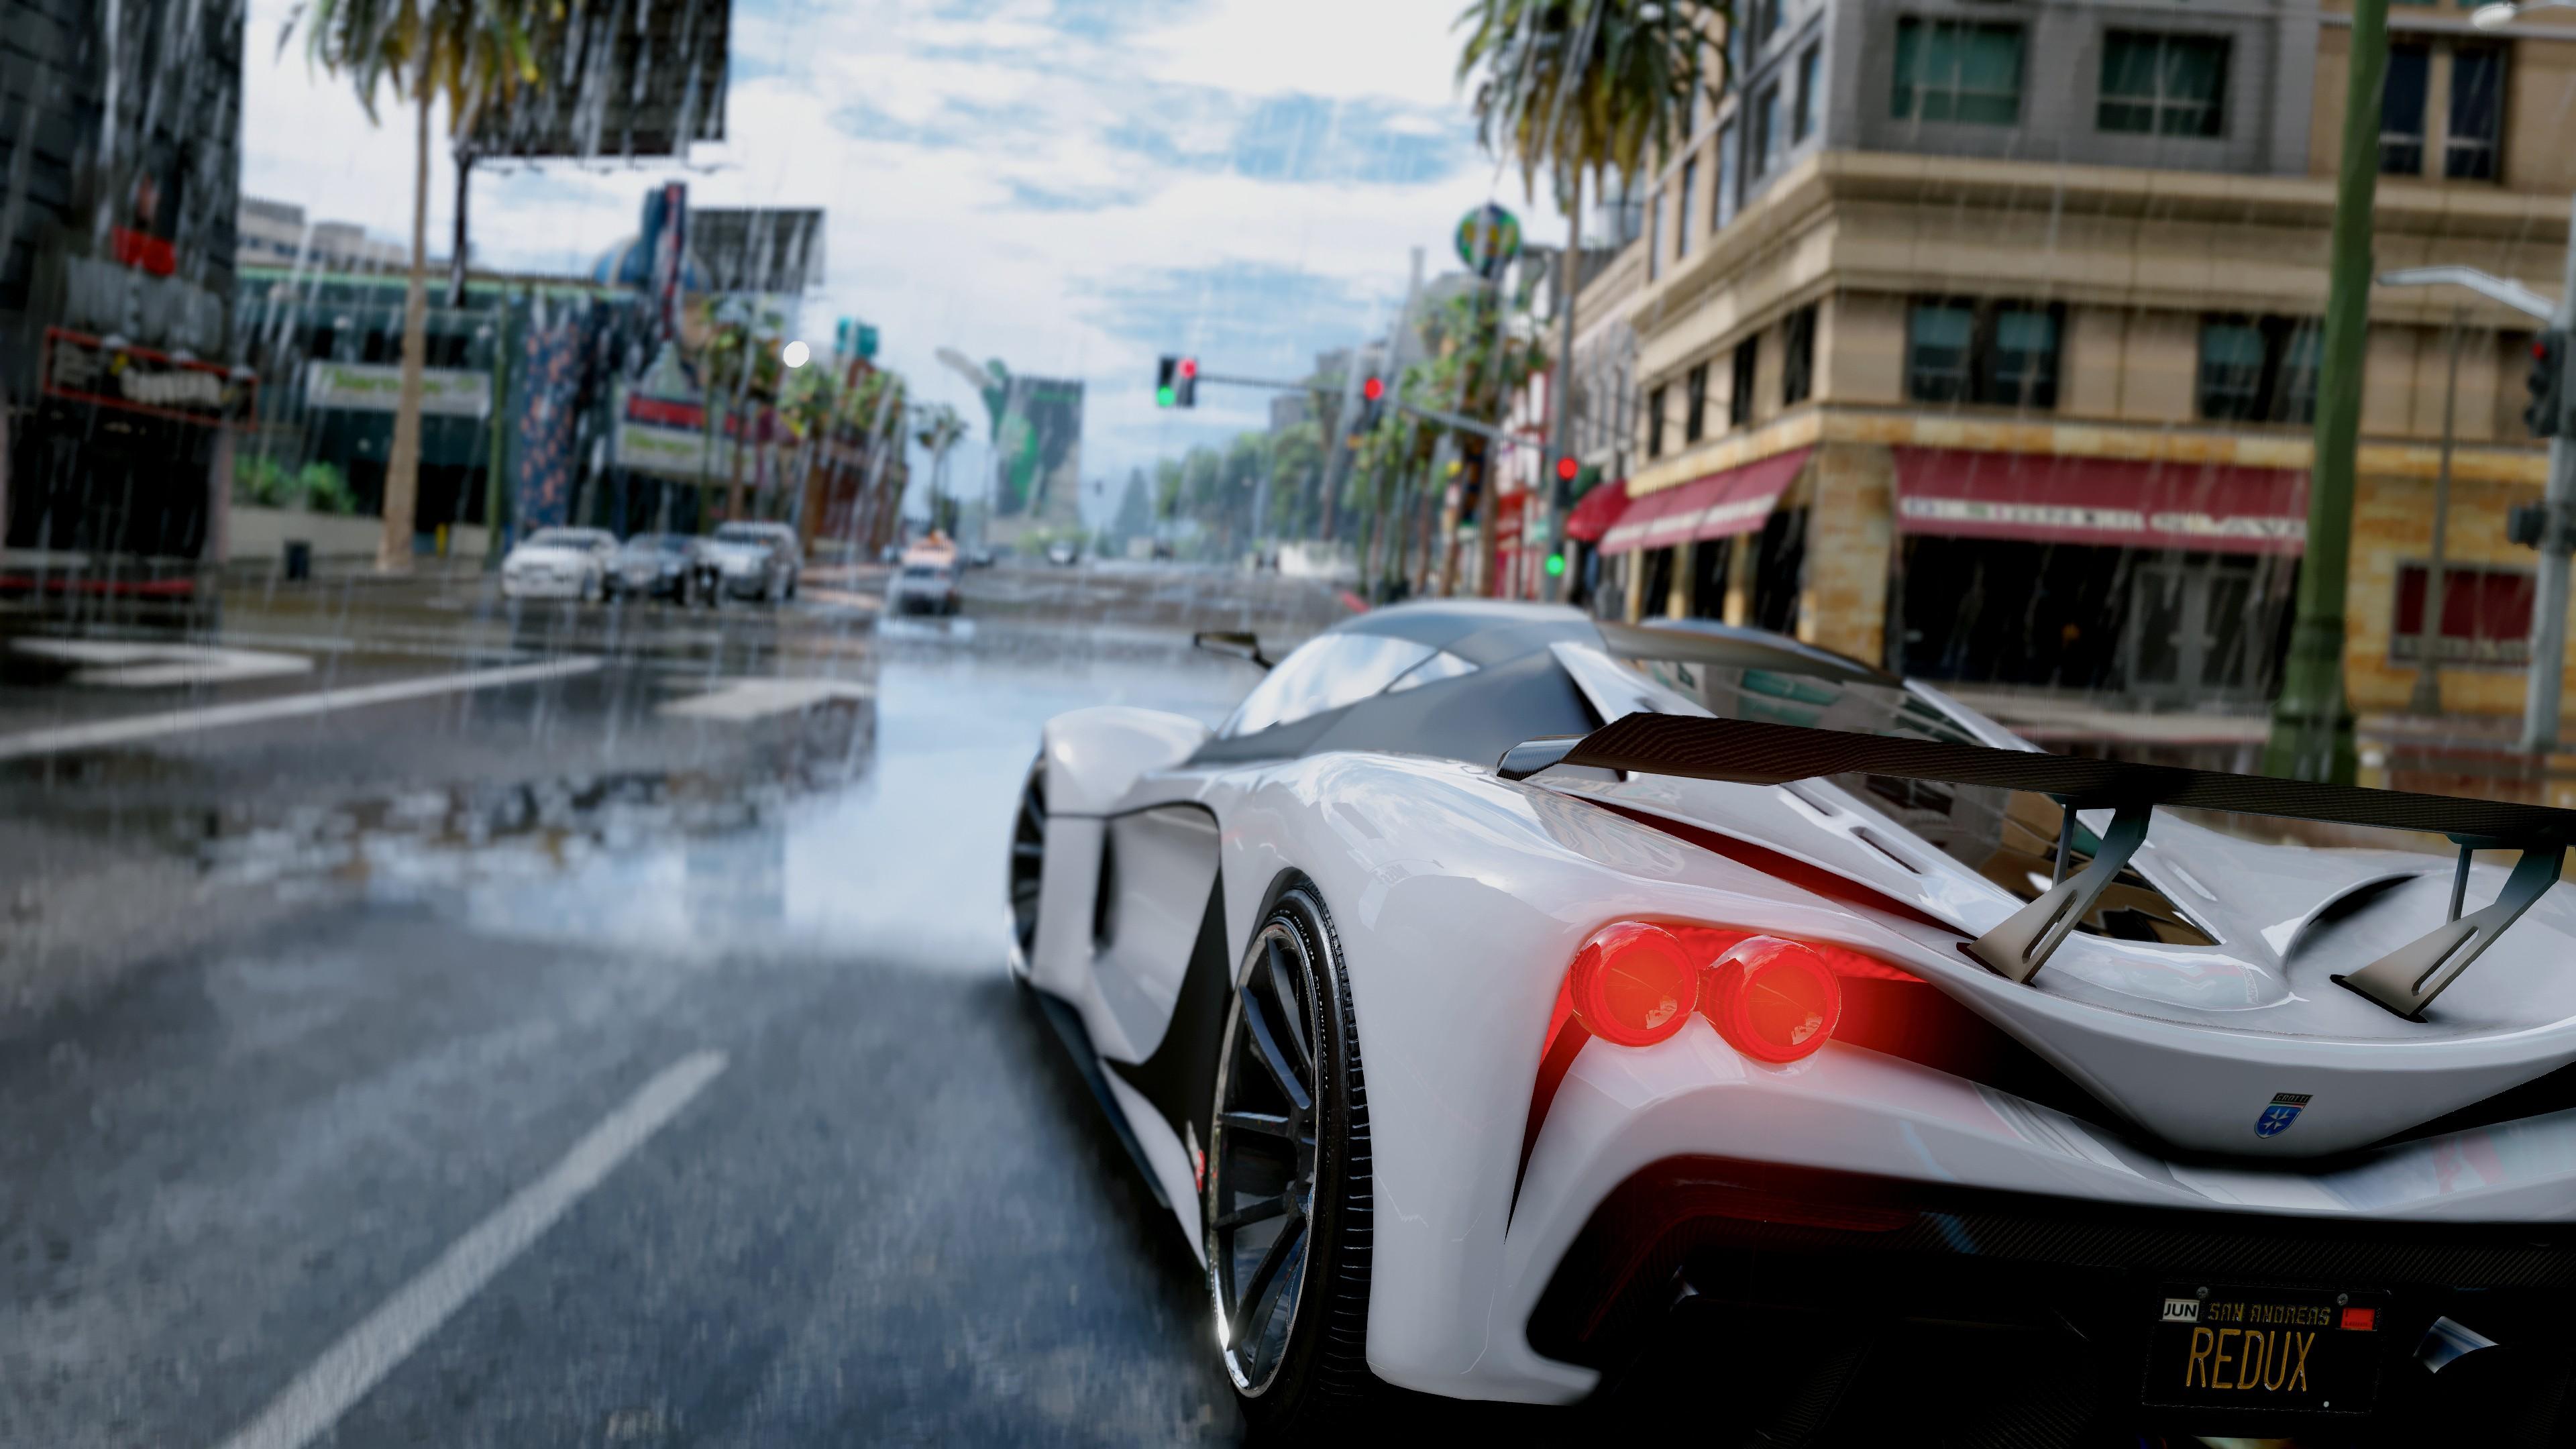 Fondos De Pantalla Vehículo Grand Theft Auto V Coche